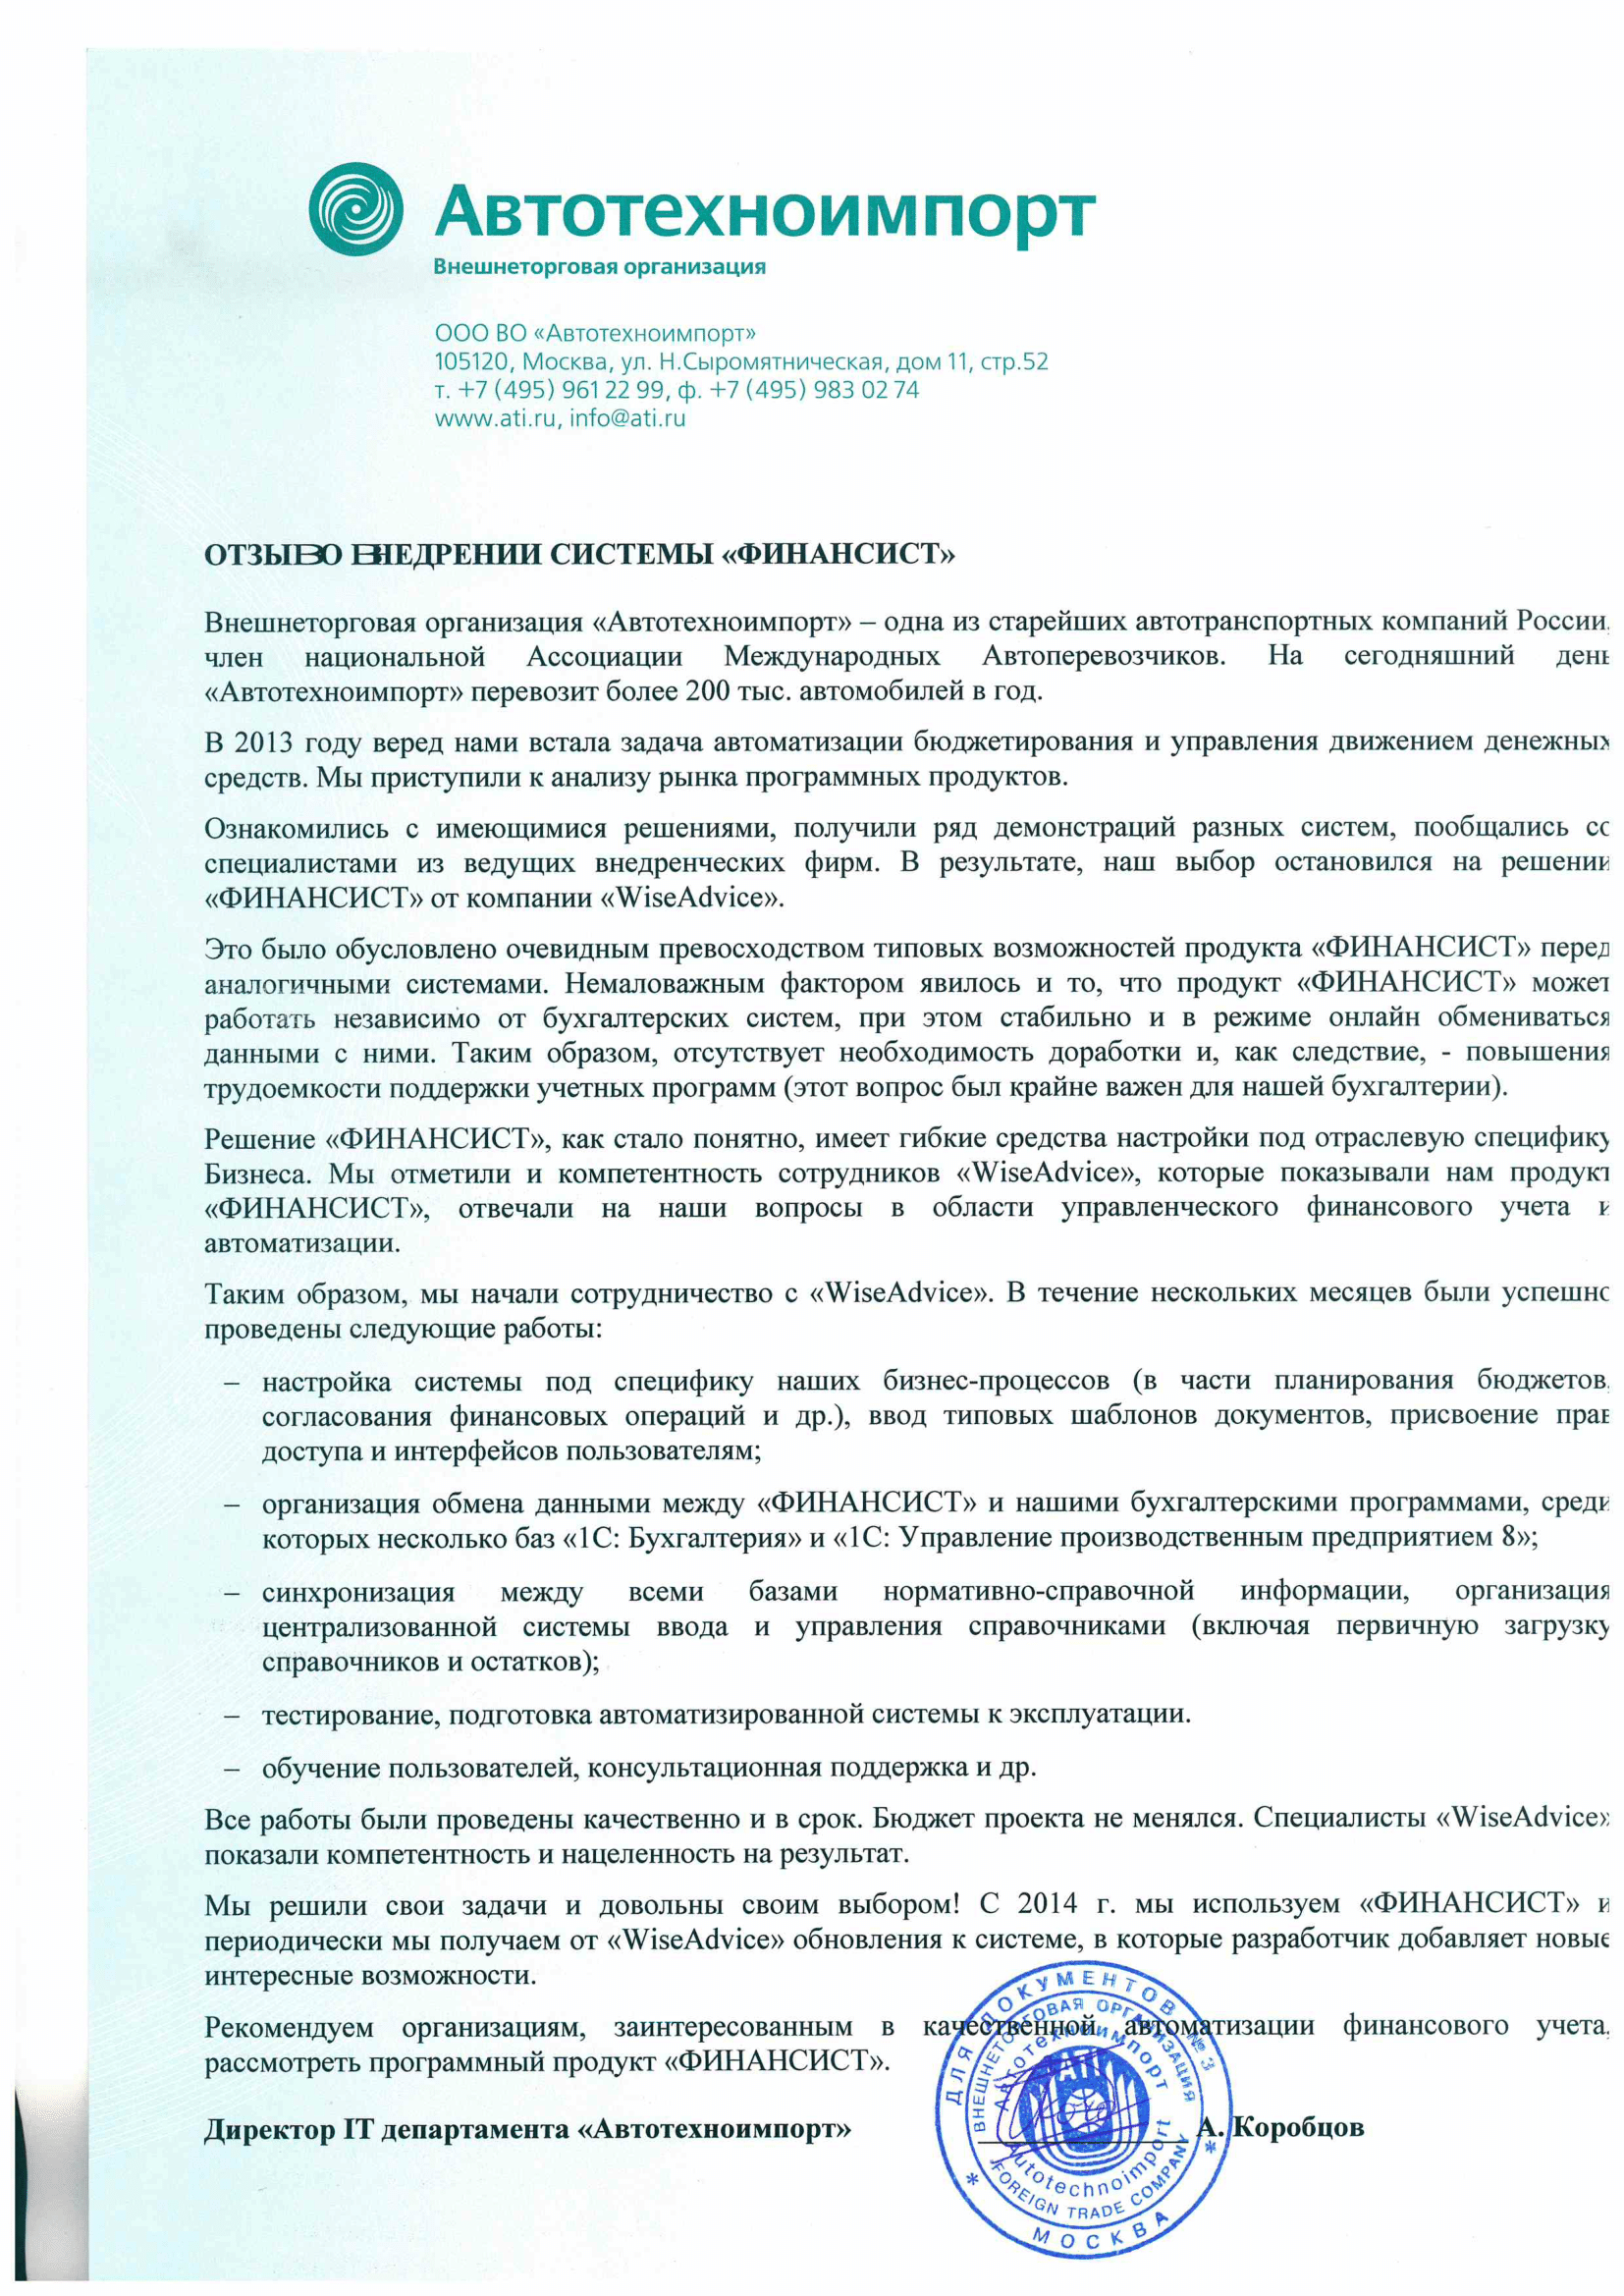 Внешнеторговая организация «Автотехноимпорт» отзыв